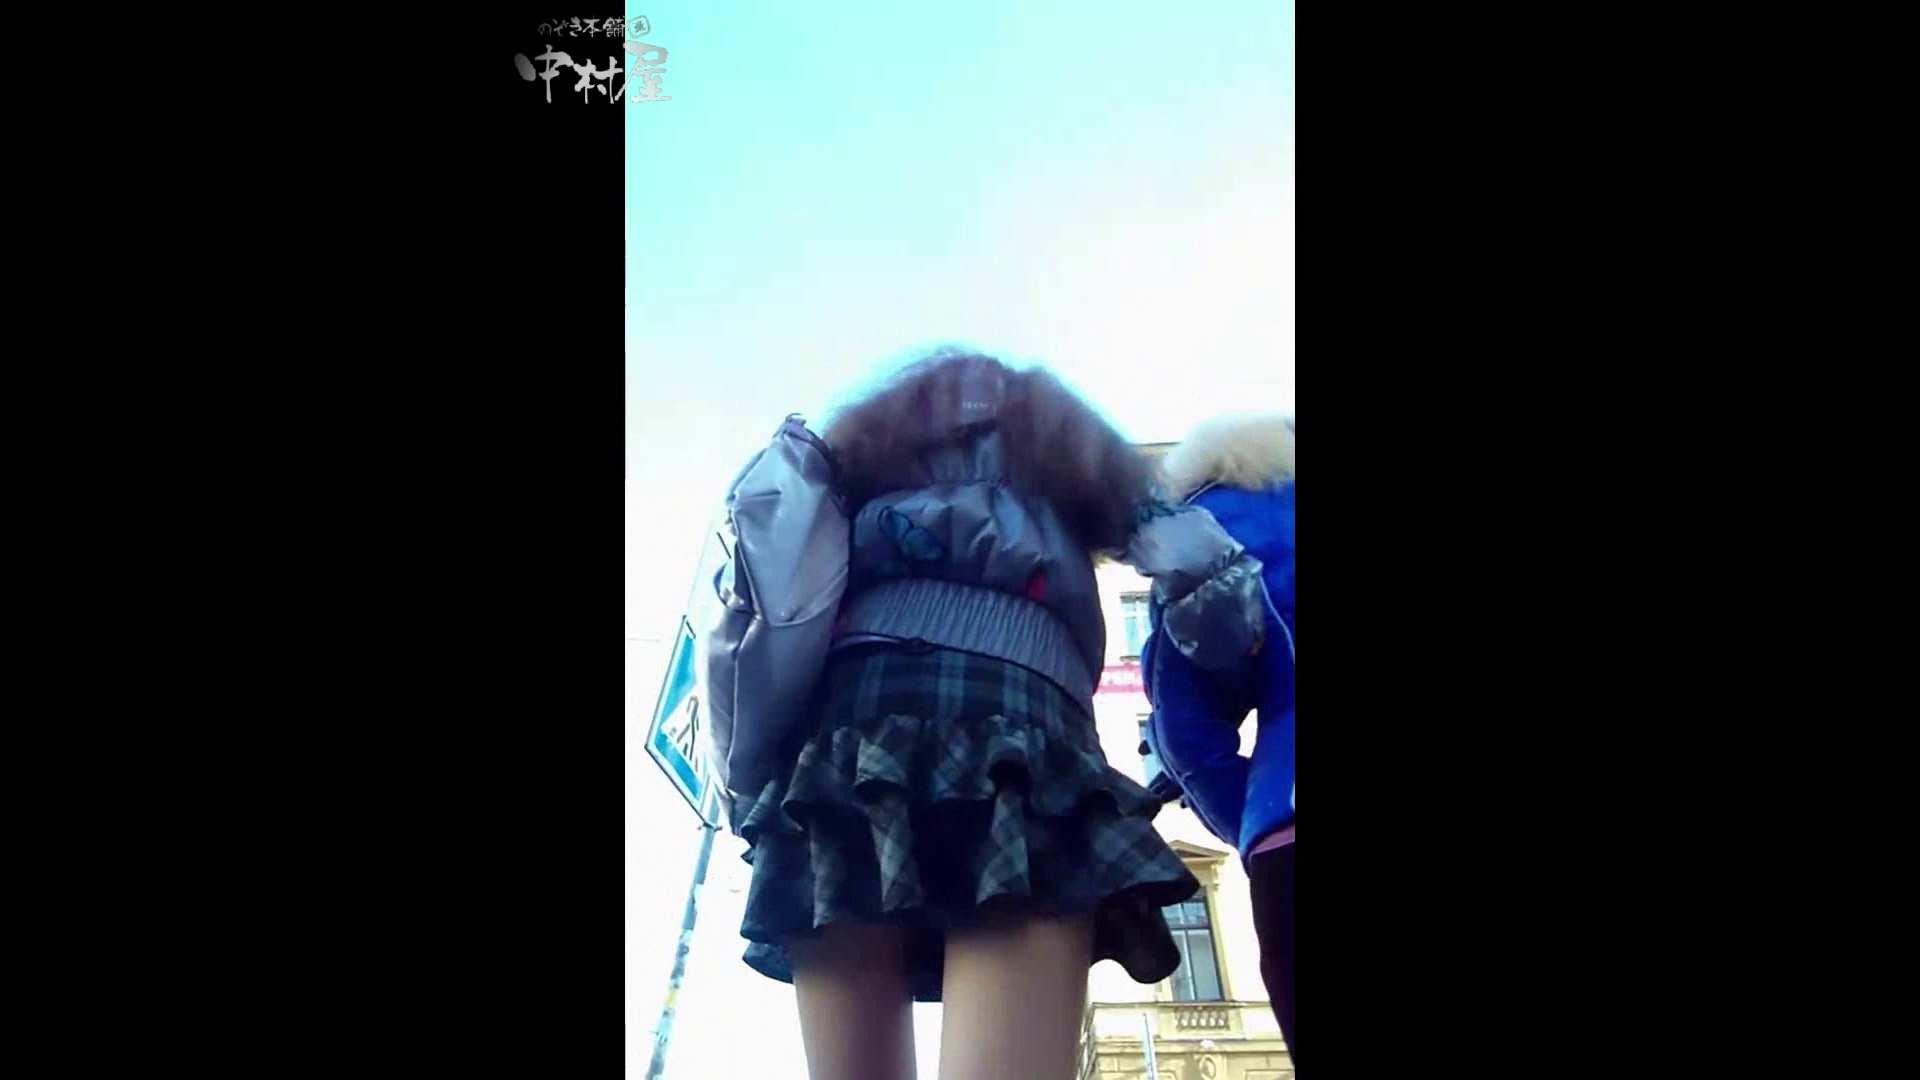 綺麗なモデルさんのスカート捲っちゃおう‼ vol12 お姉さんのエロ動画  84PIX 24